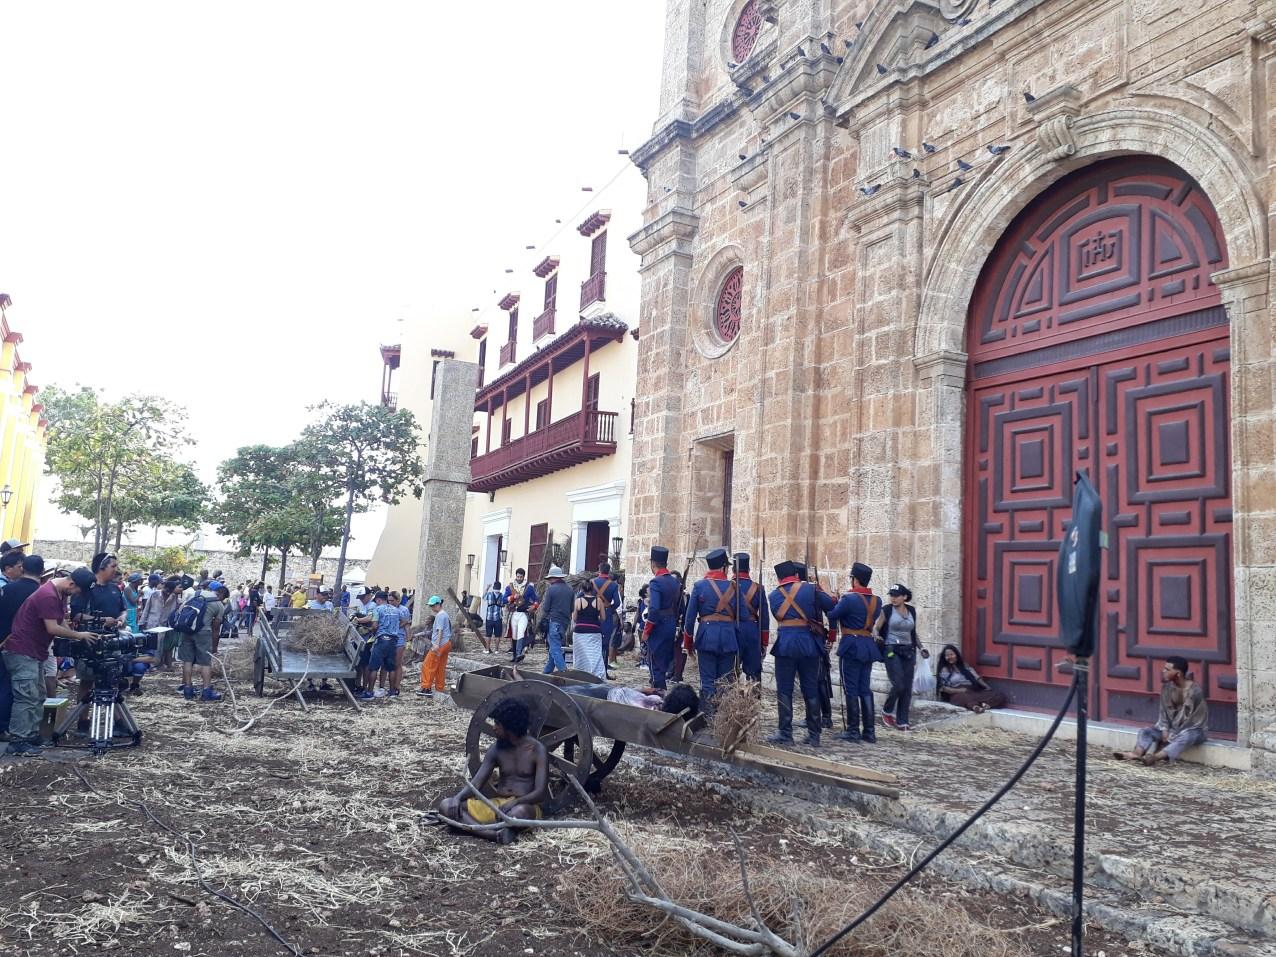 Tournage d'une télé-novela devant une des plus belles églises de Carthagène.